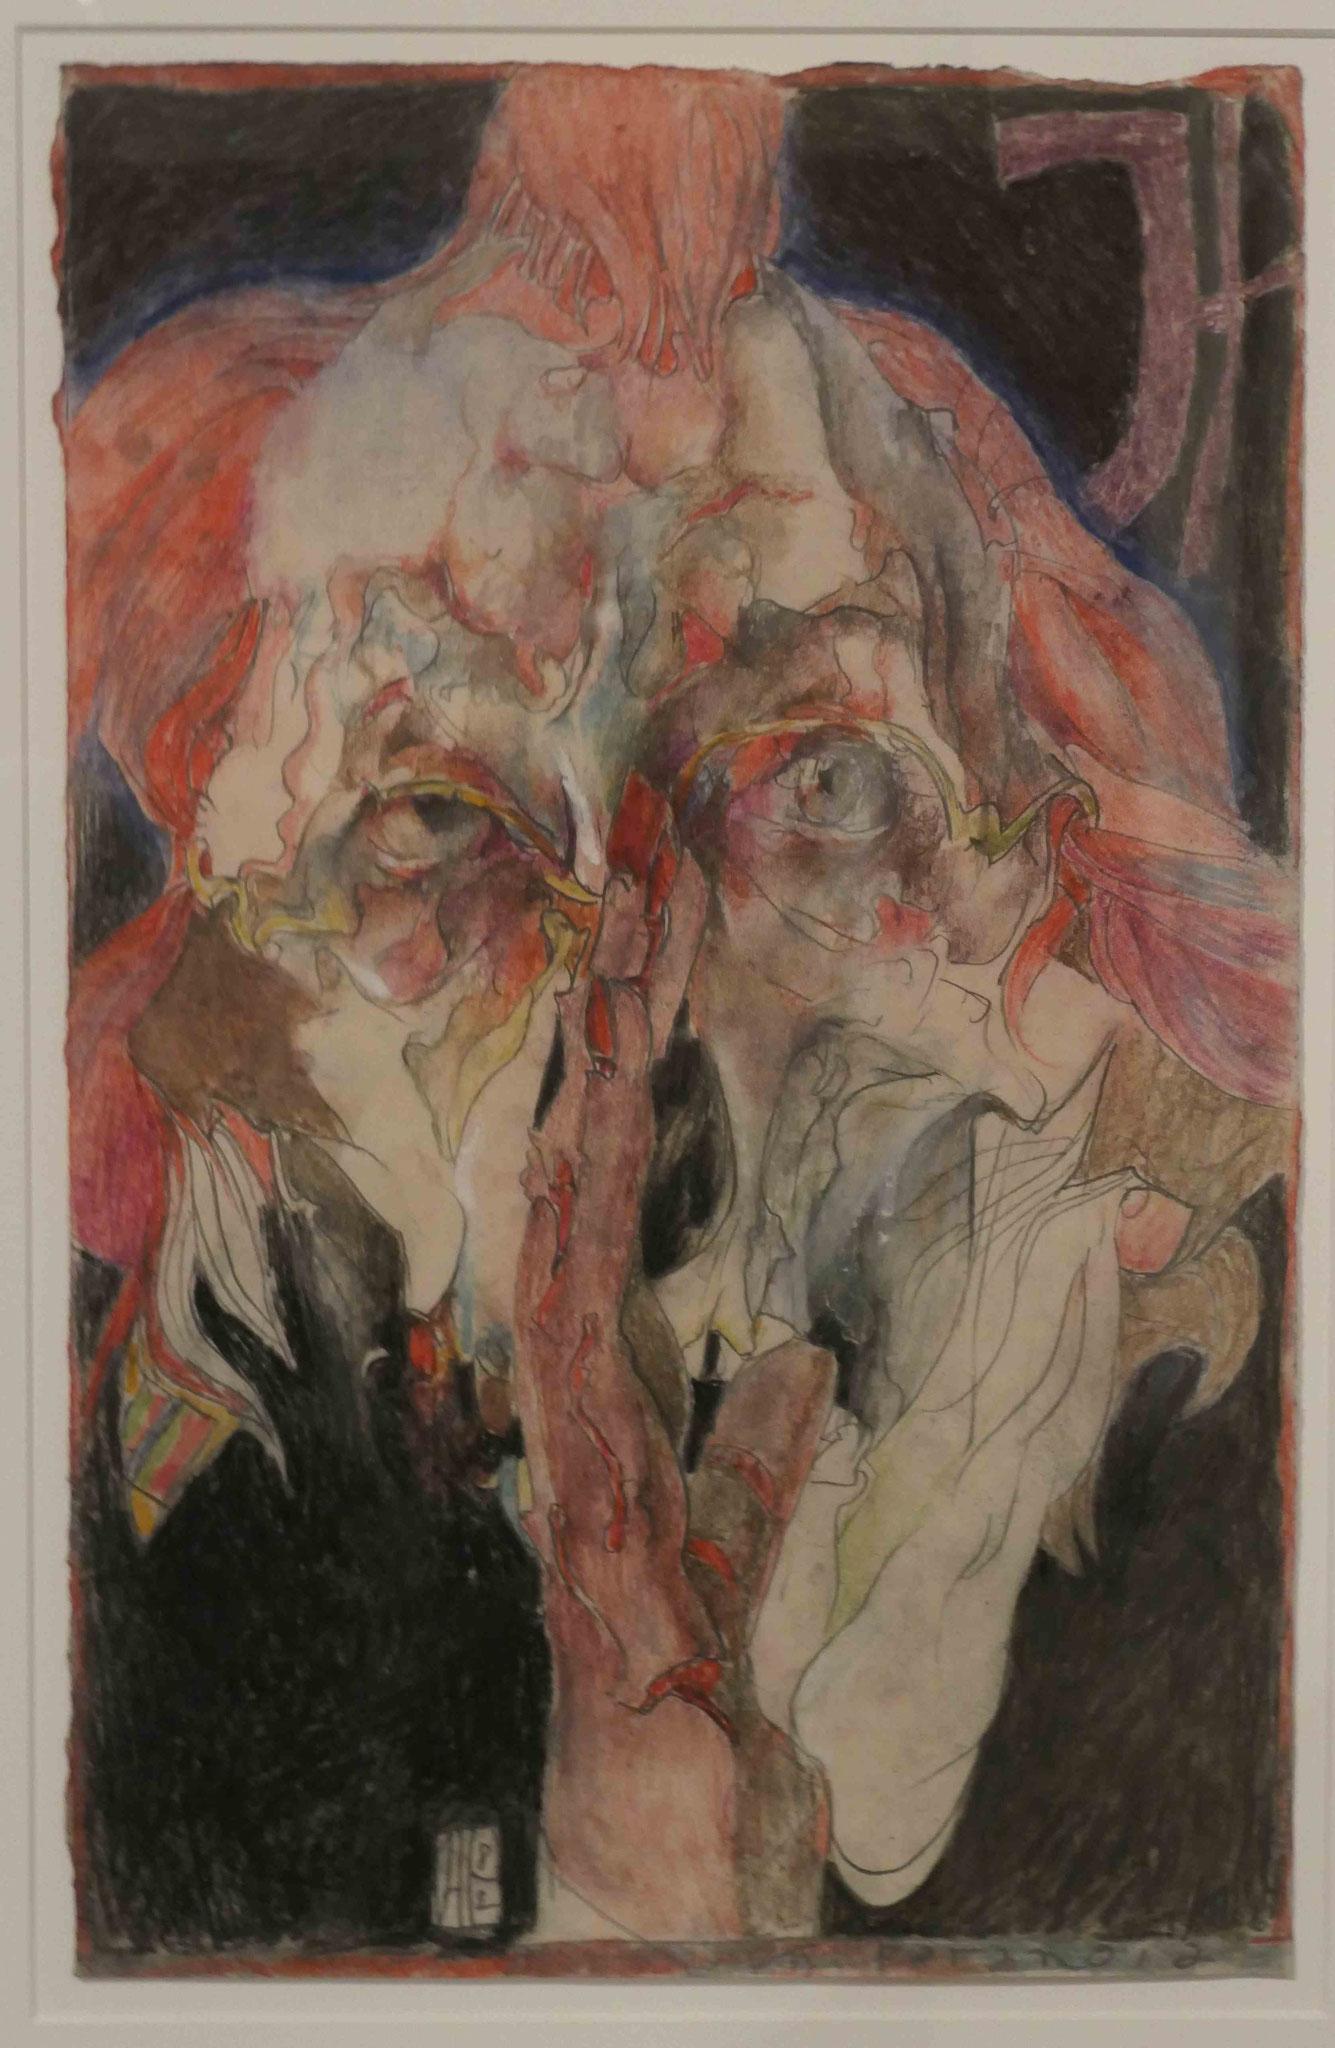 """Horst Janssen,""""Selbst (Paranoia)"""", Pastell 1982, Sonderausstellung """"Lebensklekse-Todeszeichen"""", Sammlung Scharf-Gerstenberg, Berlin"""